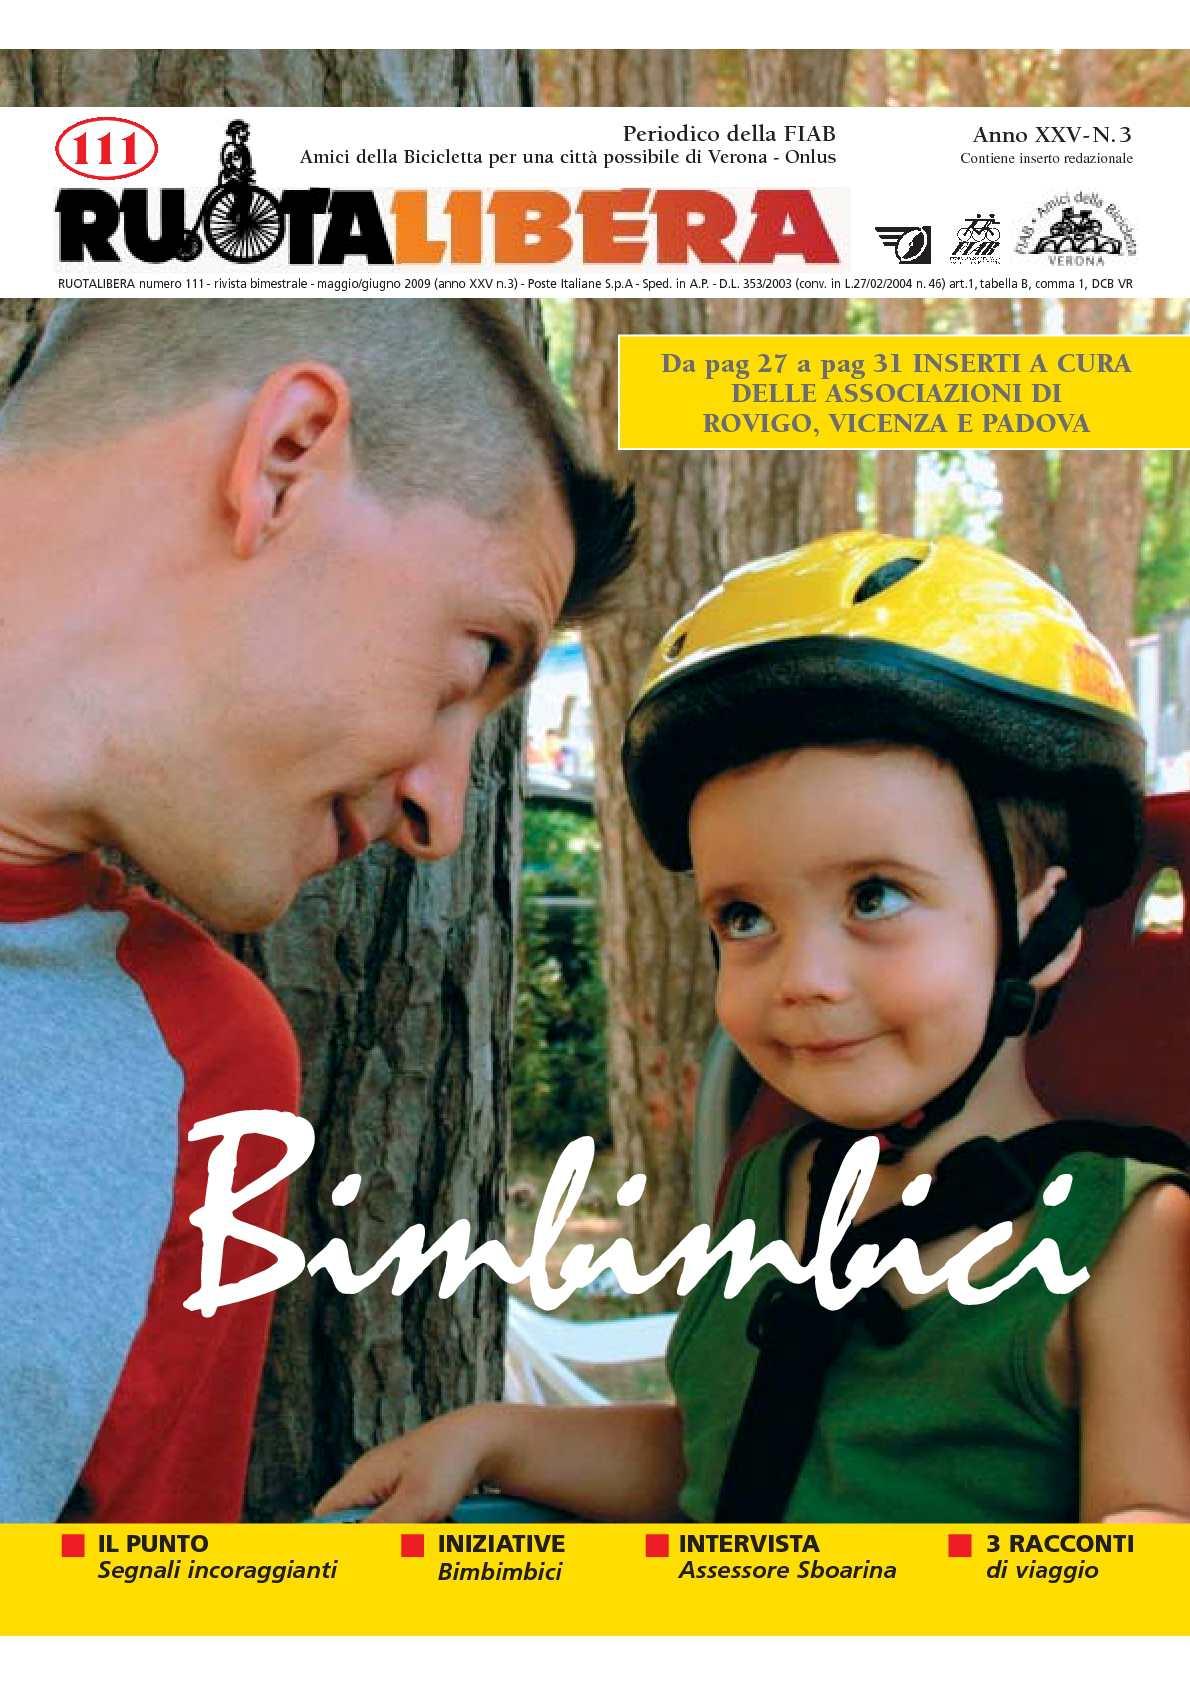 Ruotalibera 111 (maggio/giugno 2009) - FIAB AdB Verona